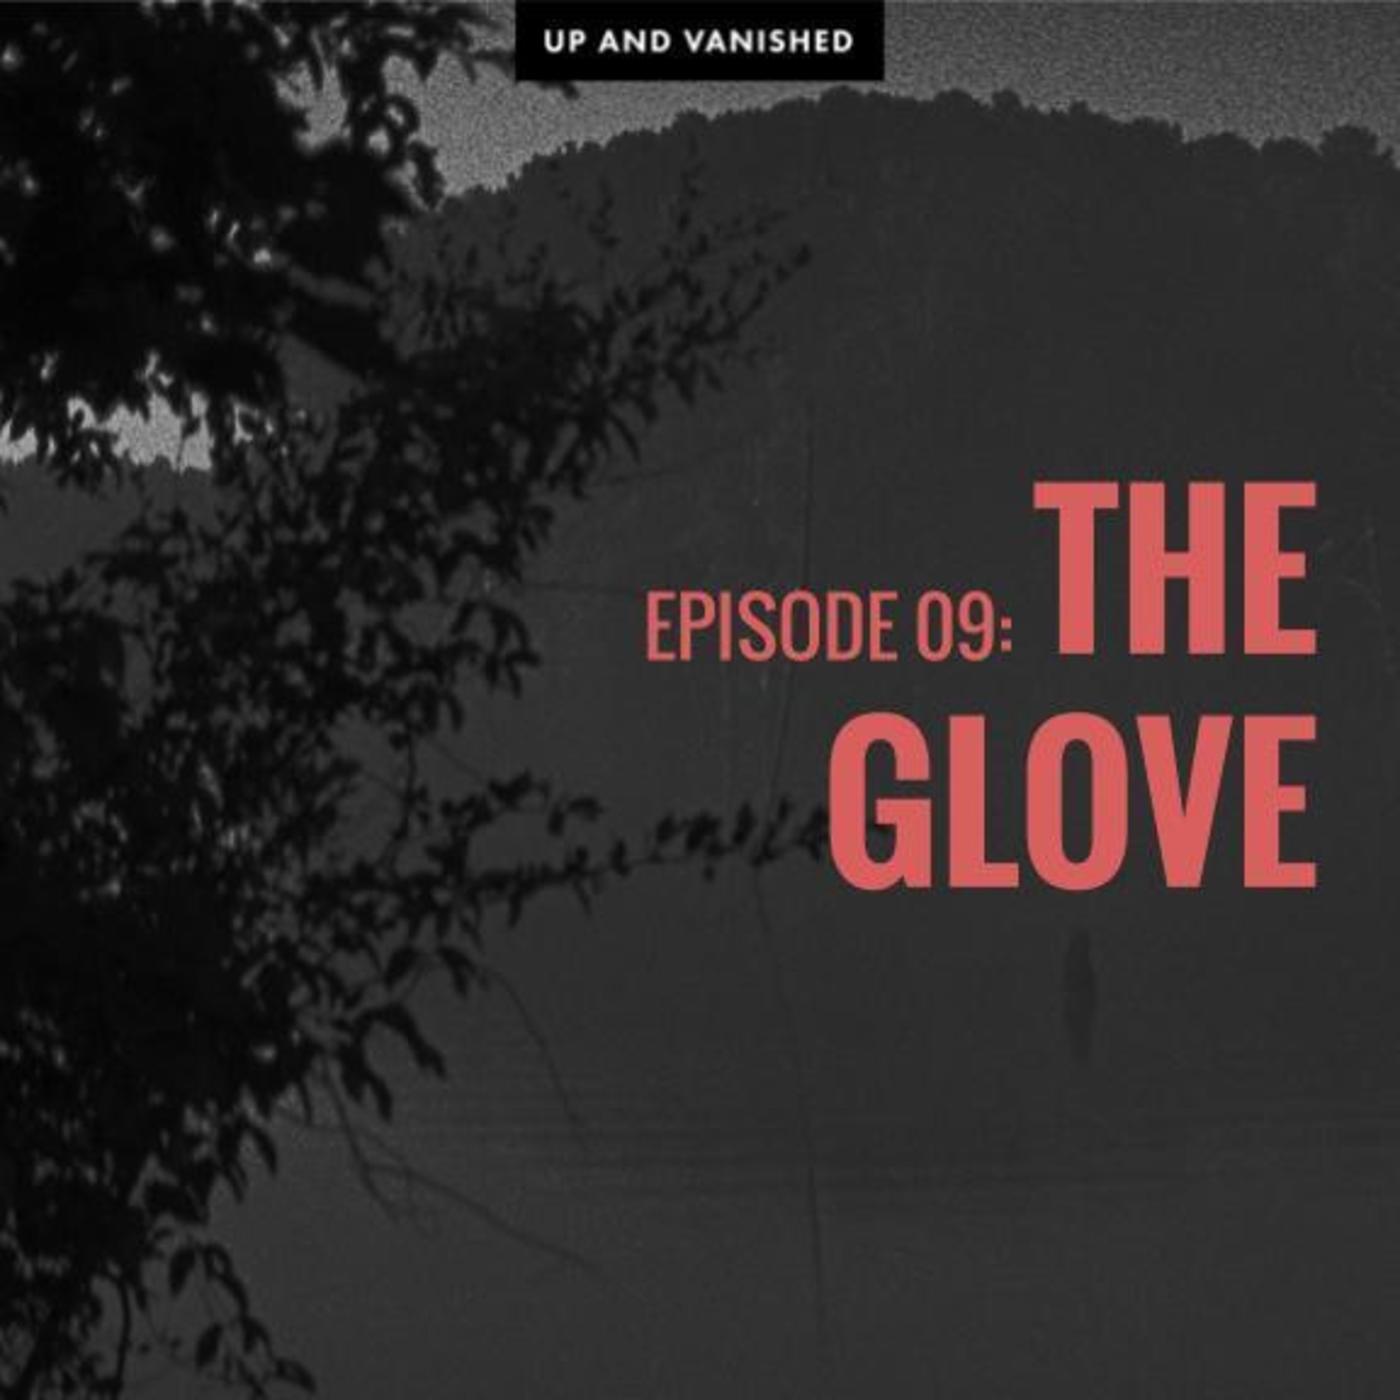 S1E9: The Glove